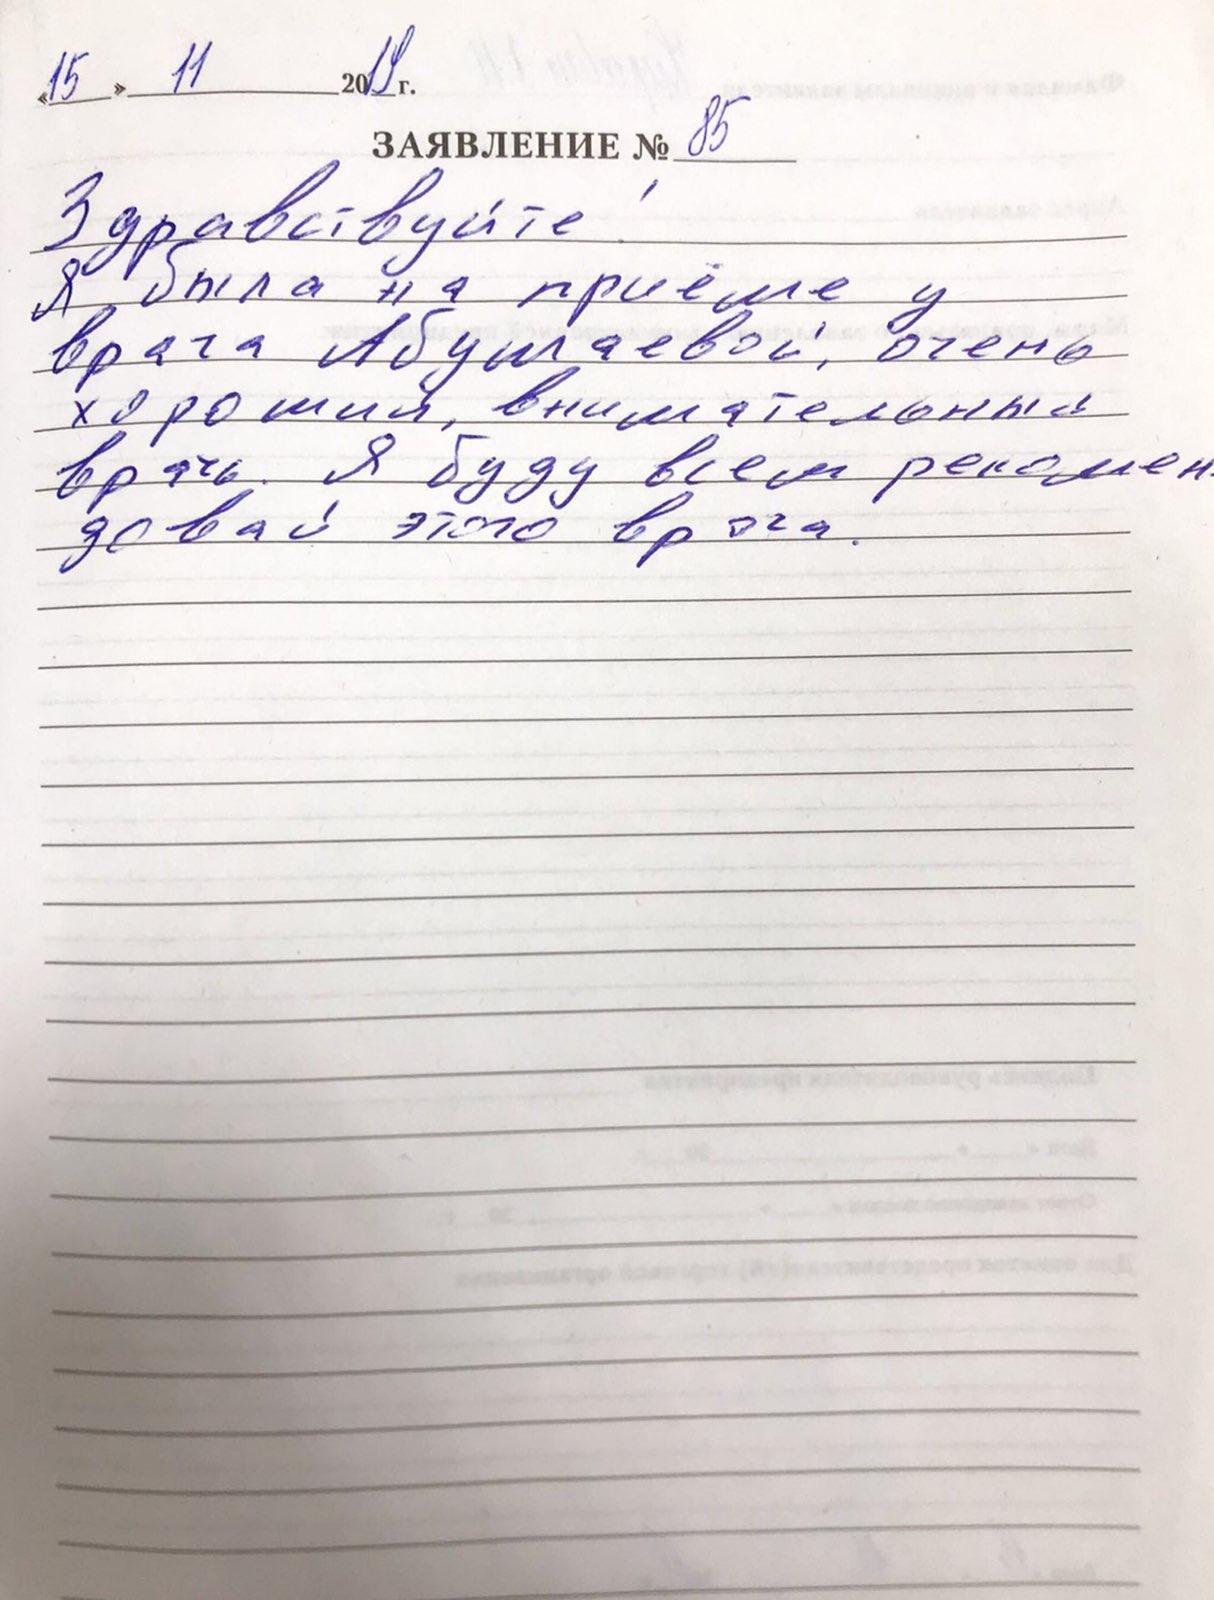 <em>Редактировать Отзыв</em> Лариса Николаевна. Стоматология Фларт